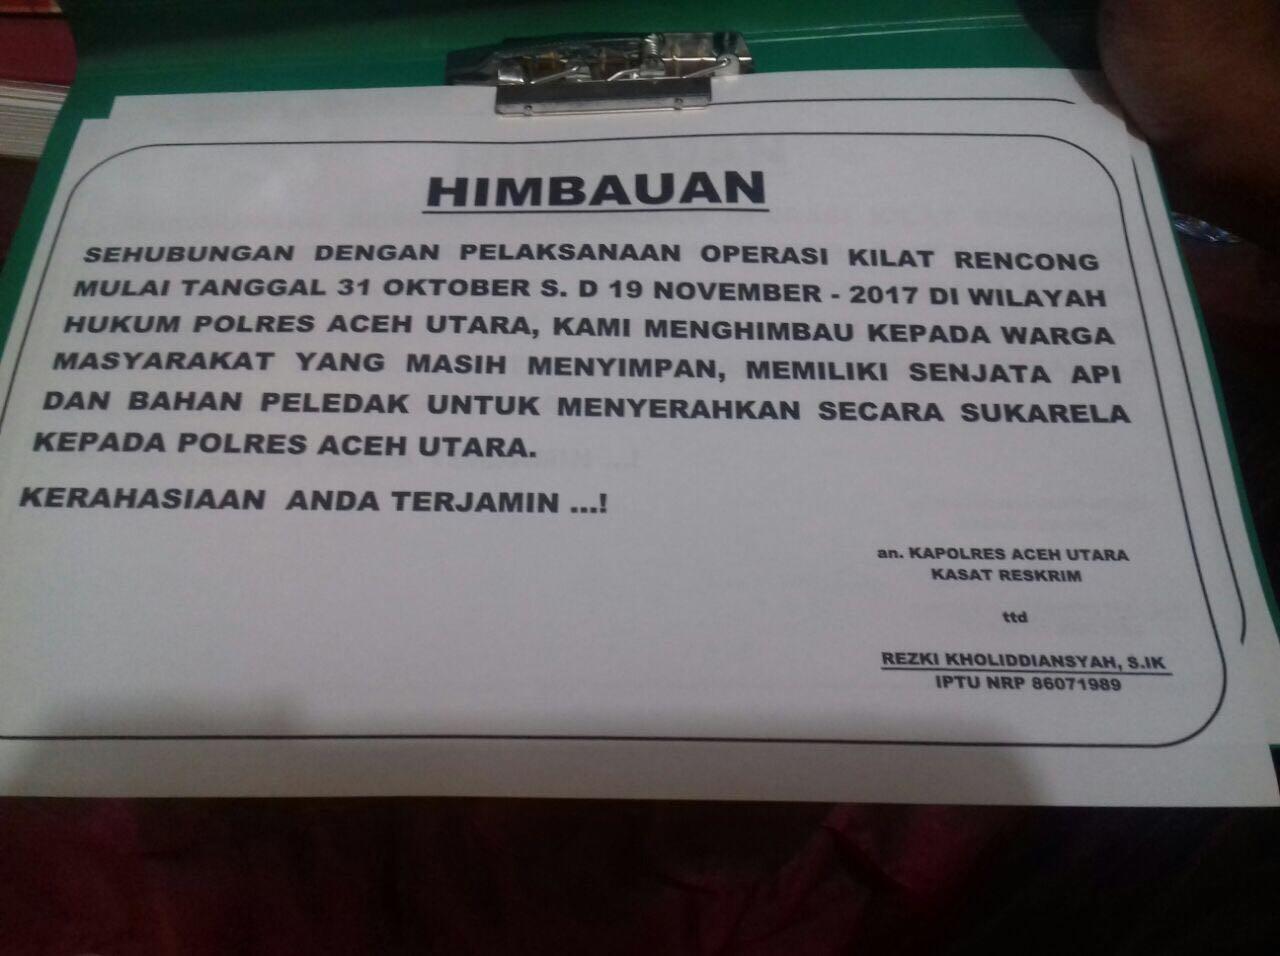 Masyarakat Aceh Utara diimbau Serahkan Senjata Api ke Polisi